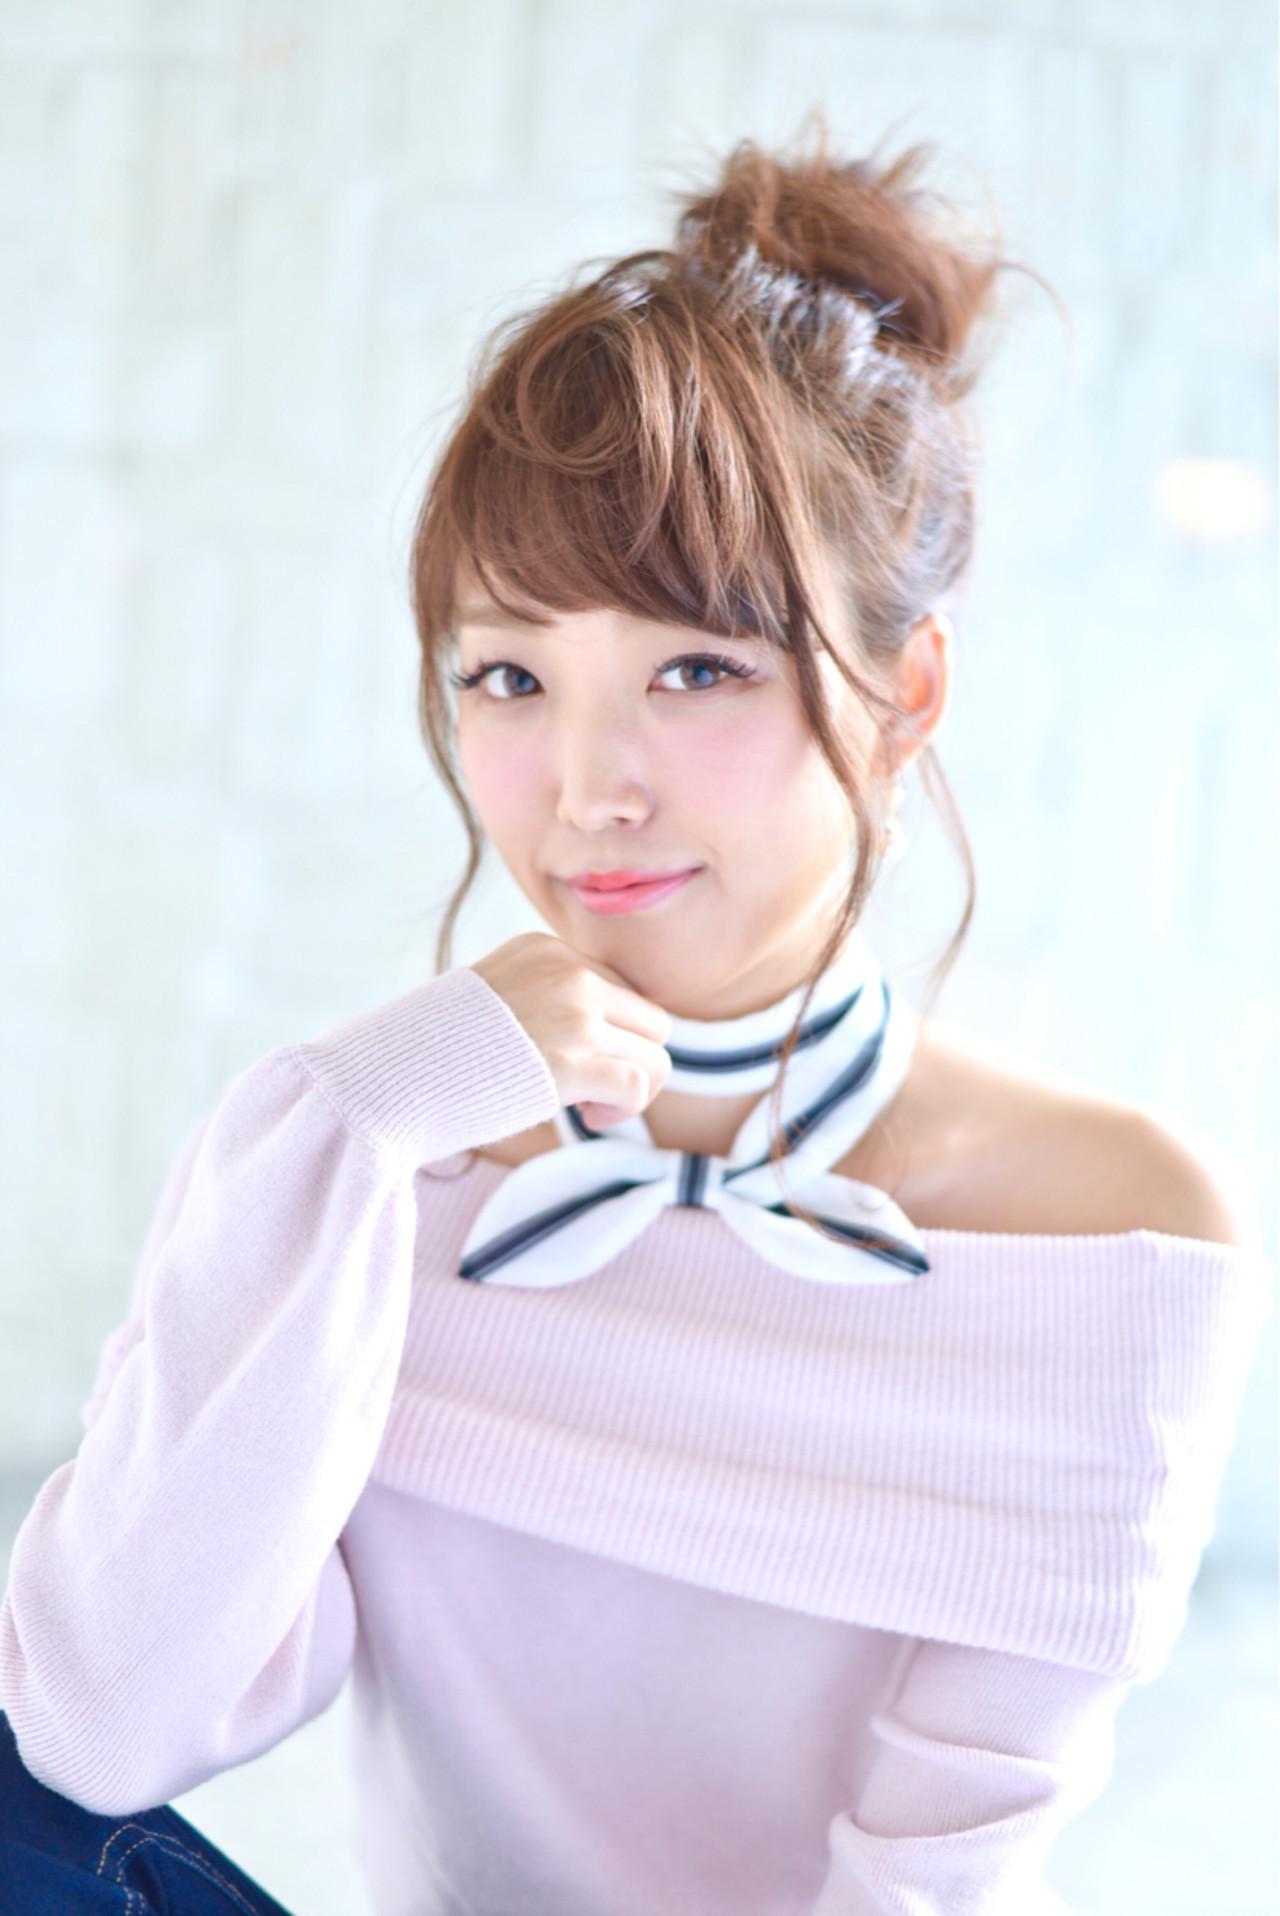 かわいい子はやっている♡ふんわり前髪の作り方と崩れない方法 中野 裕介/jap international